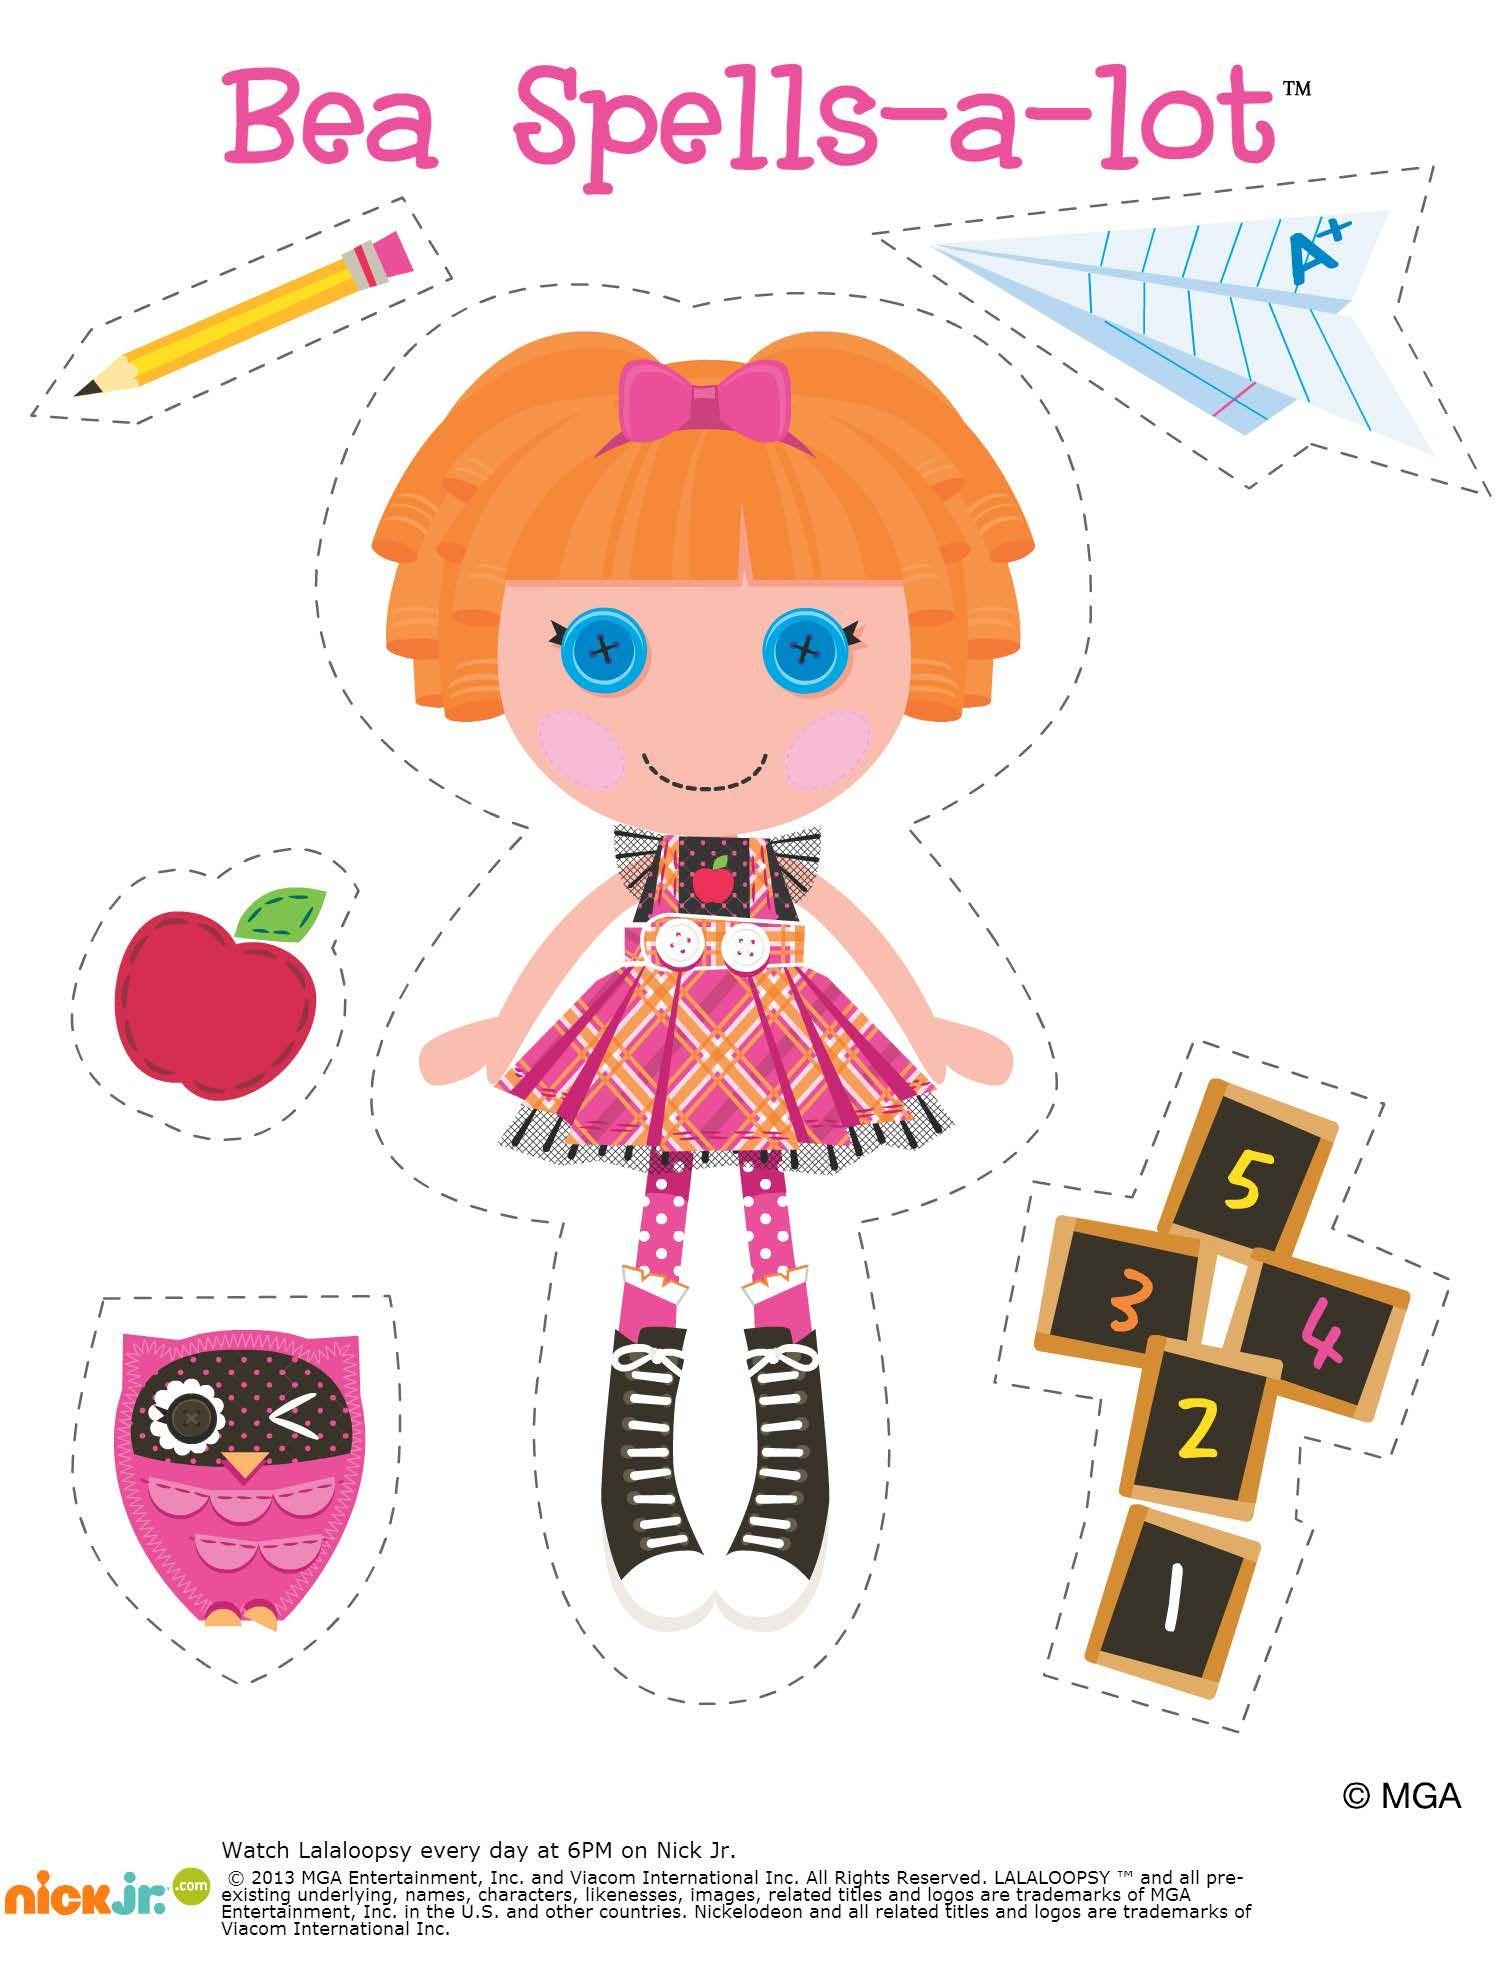 Lalaloopsy bea spells a lot paper dolls pinterest lalaloopsy lalaloopsy bea spells a lot filmwisefo